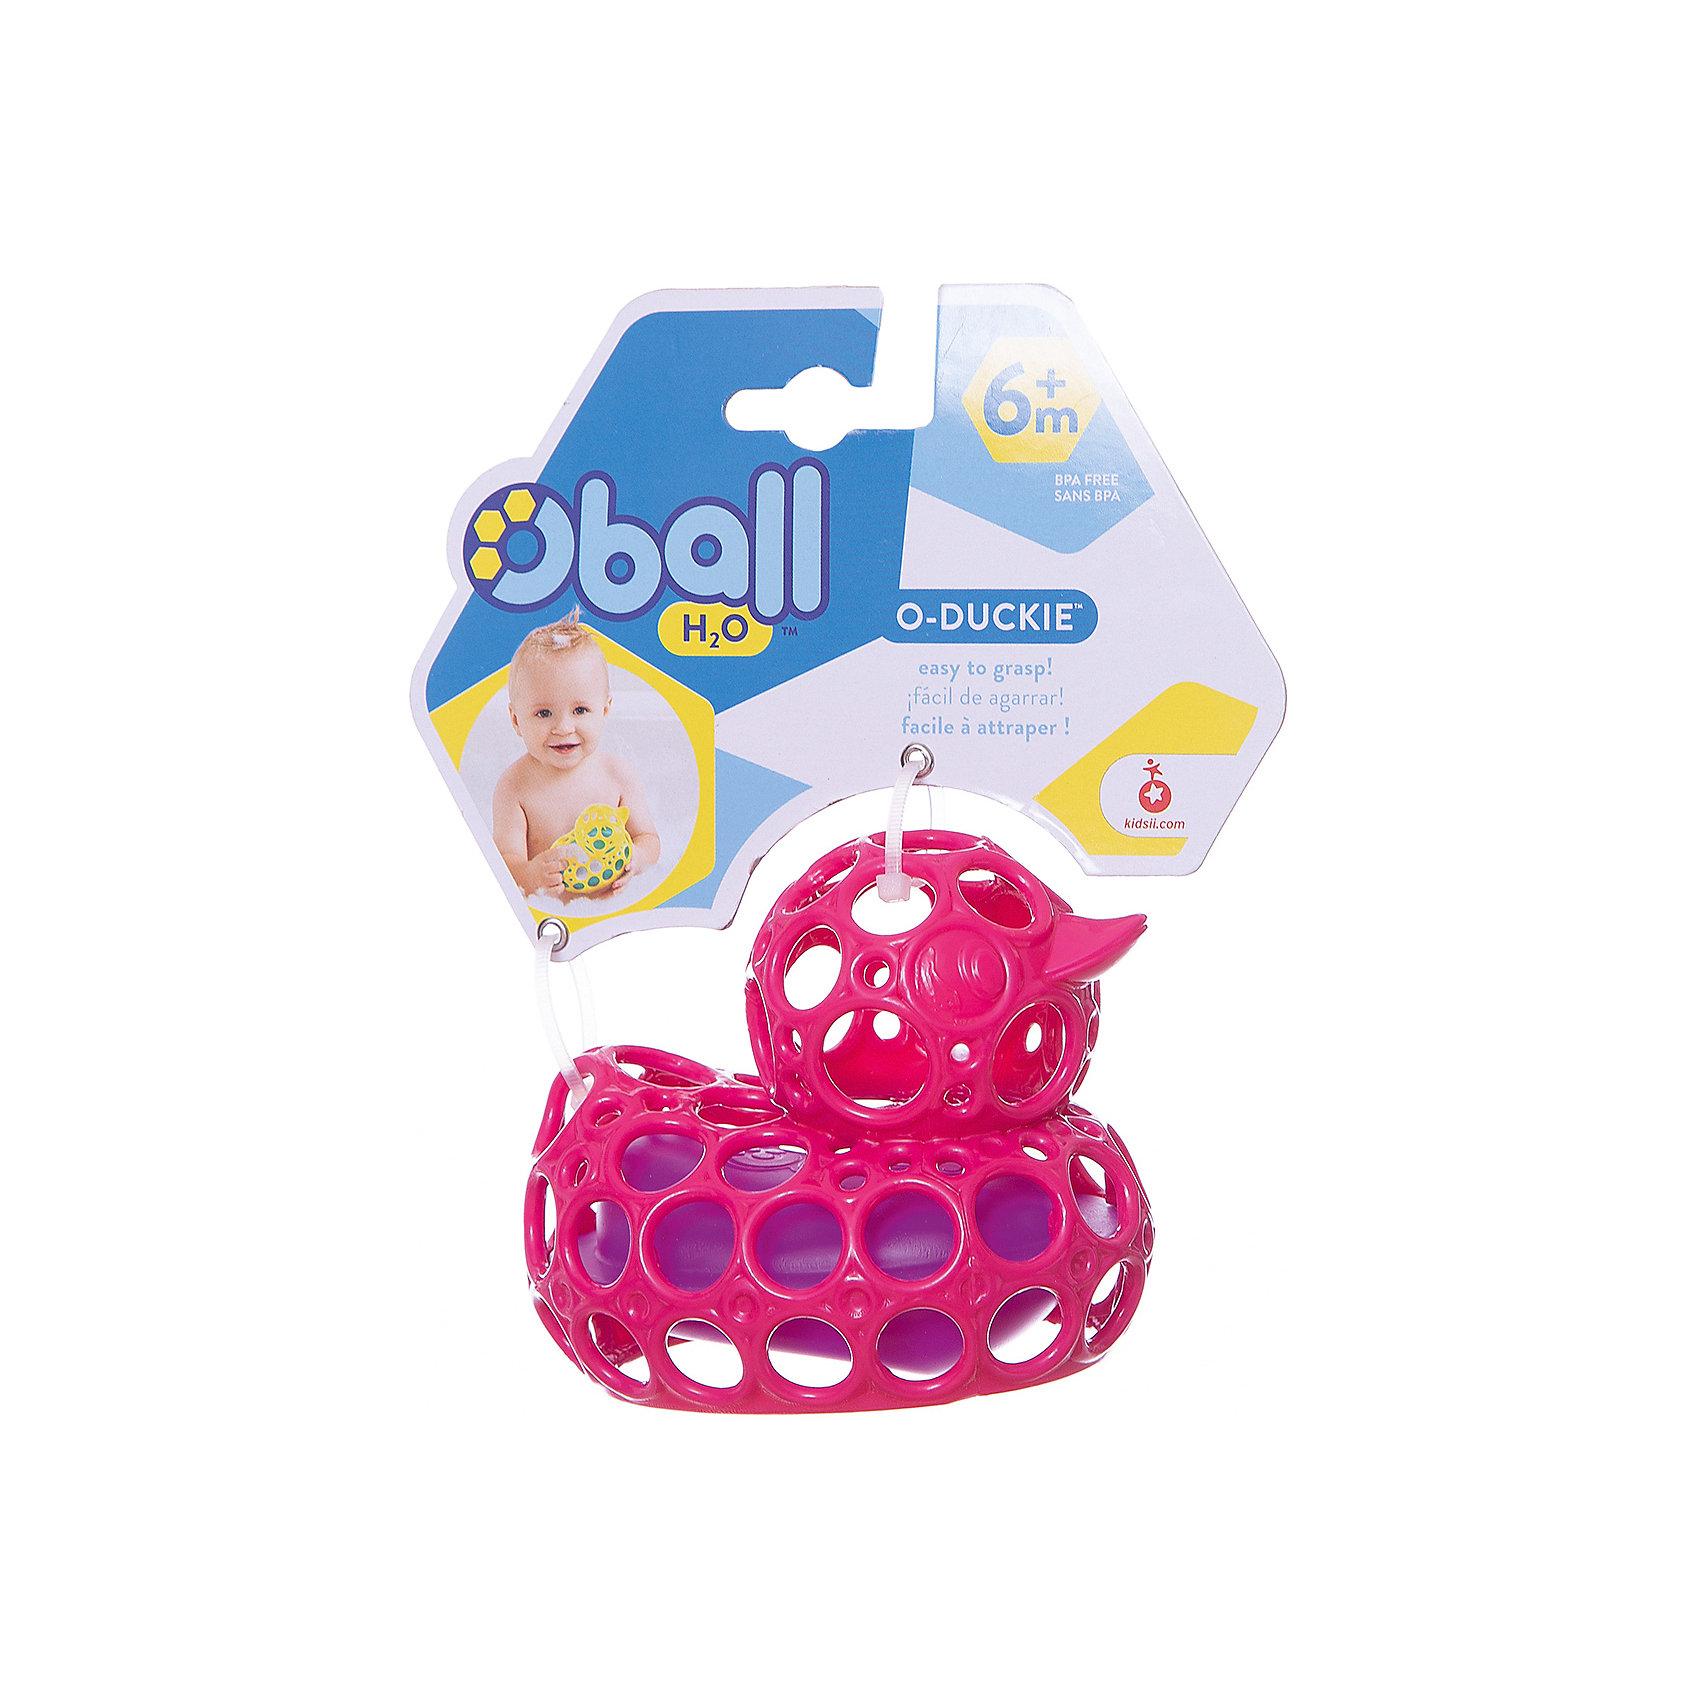 Oball Игрушка для ванны Уточка, розовая, Oball oball для ванной комнаты